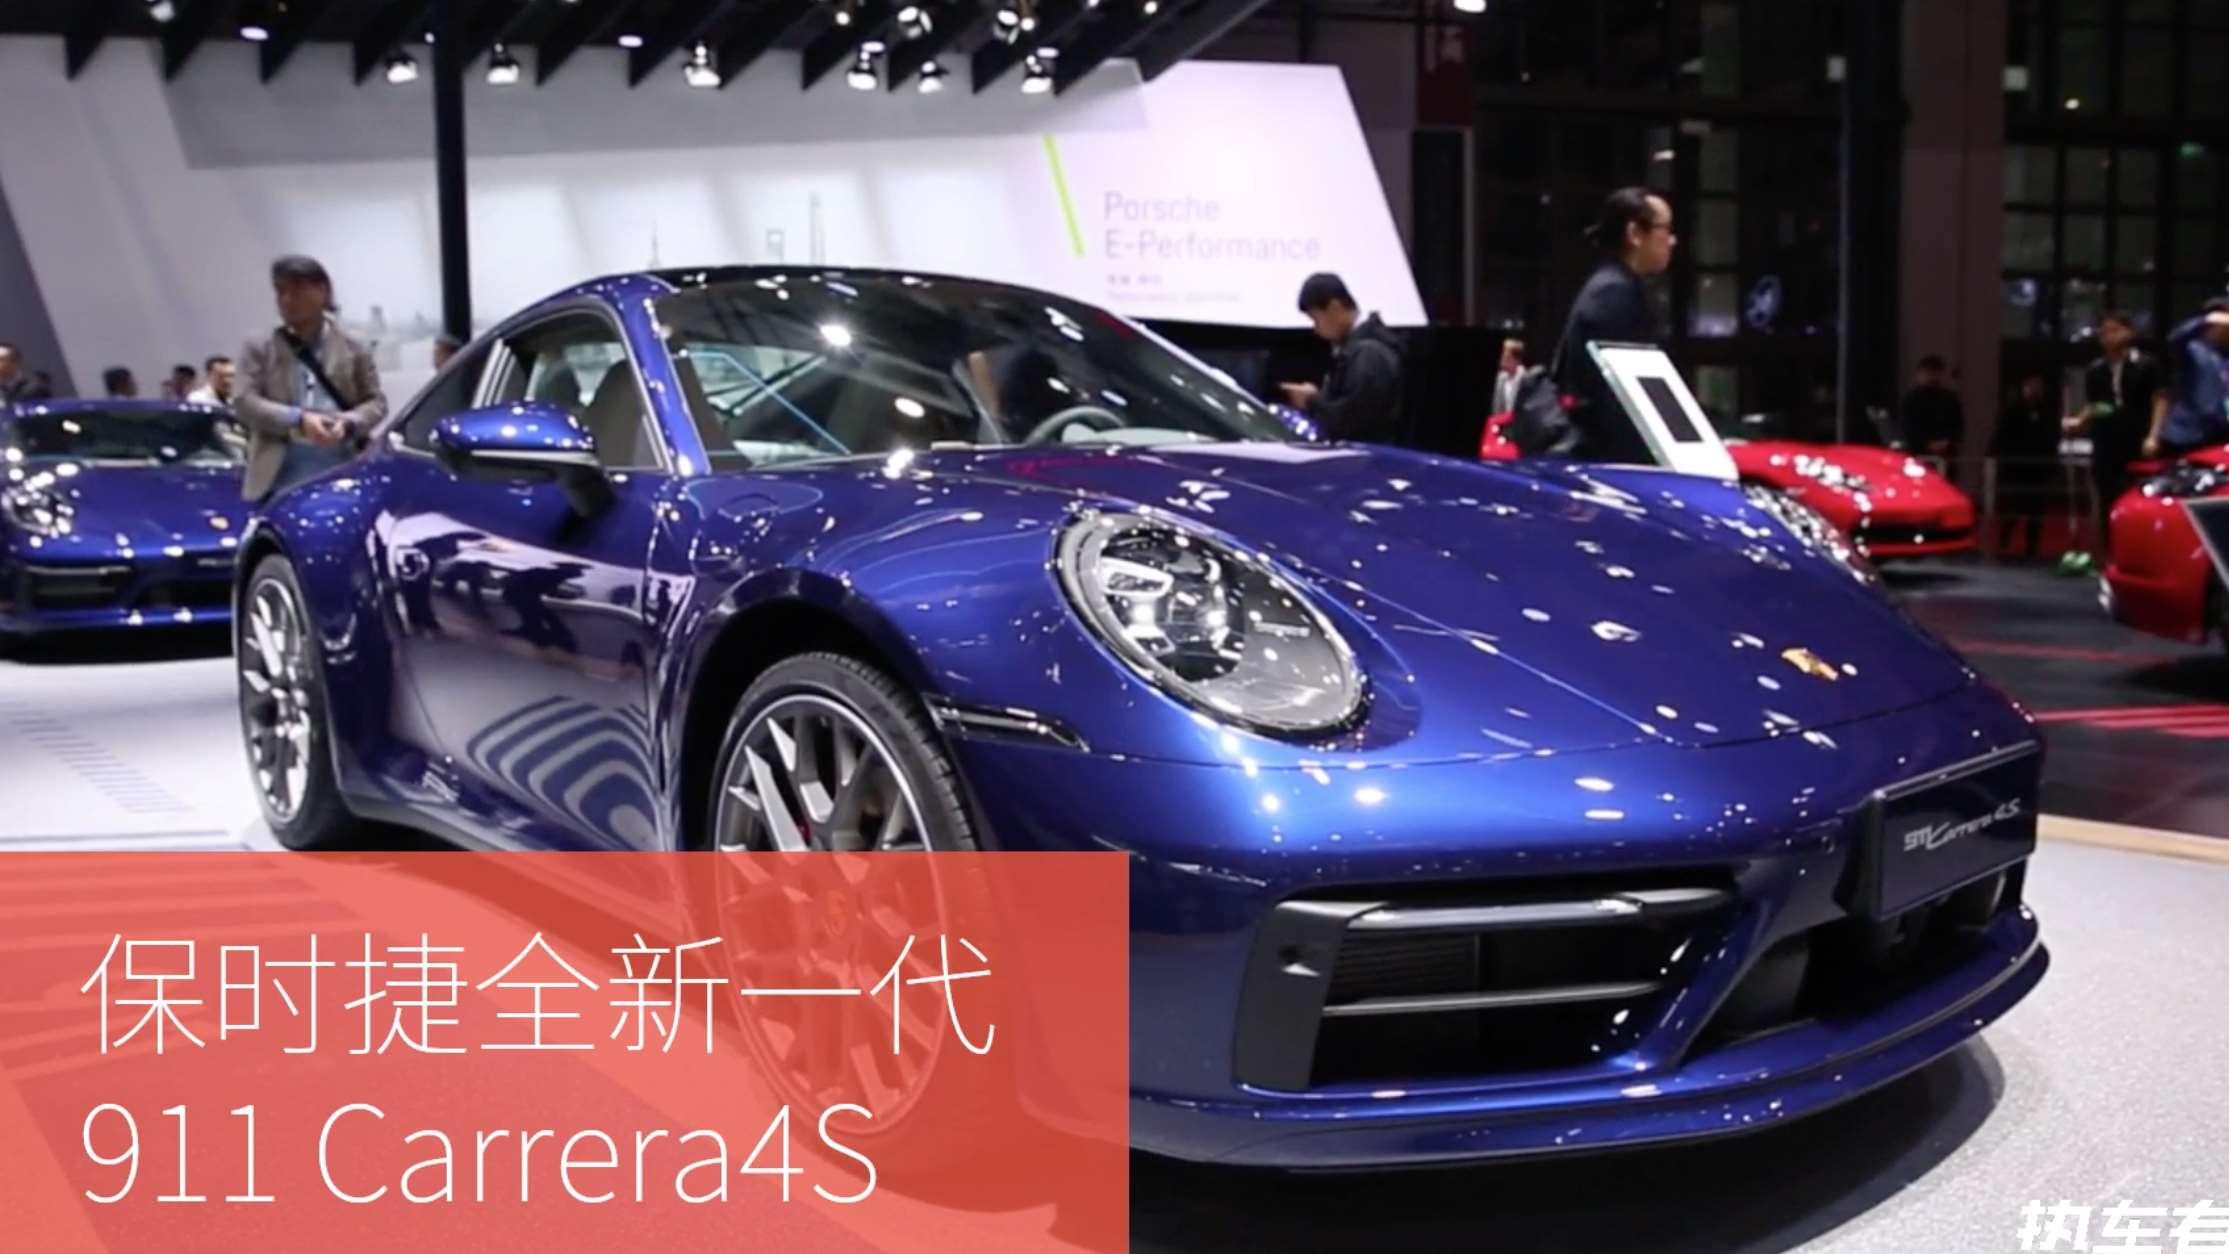 上海车展带你看热车,保时捷全新一代911 Carrera4S